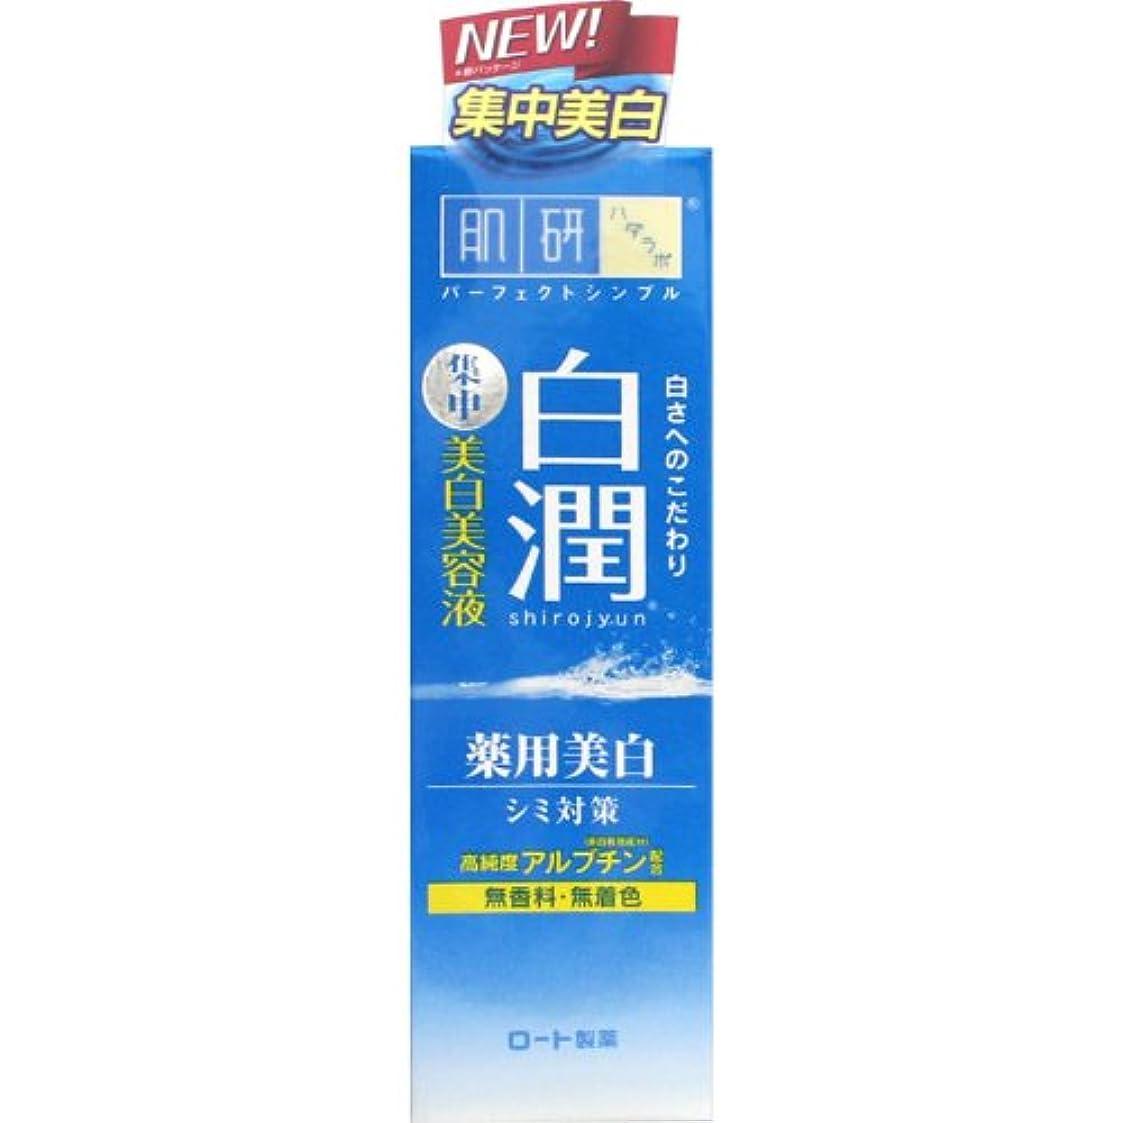 配管ボンド不実【医薬部外品】肌研(ハダラボ) 白潤 薬用美白美容液 30g